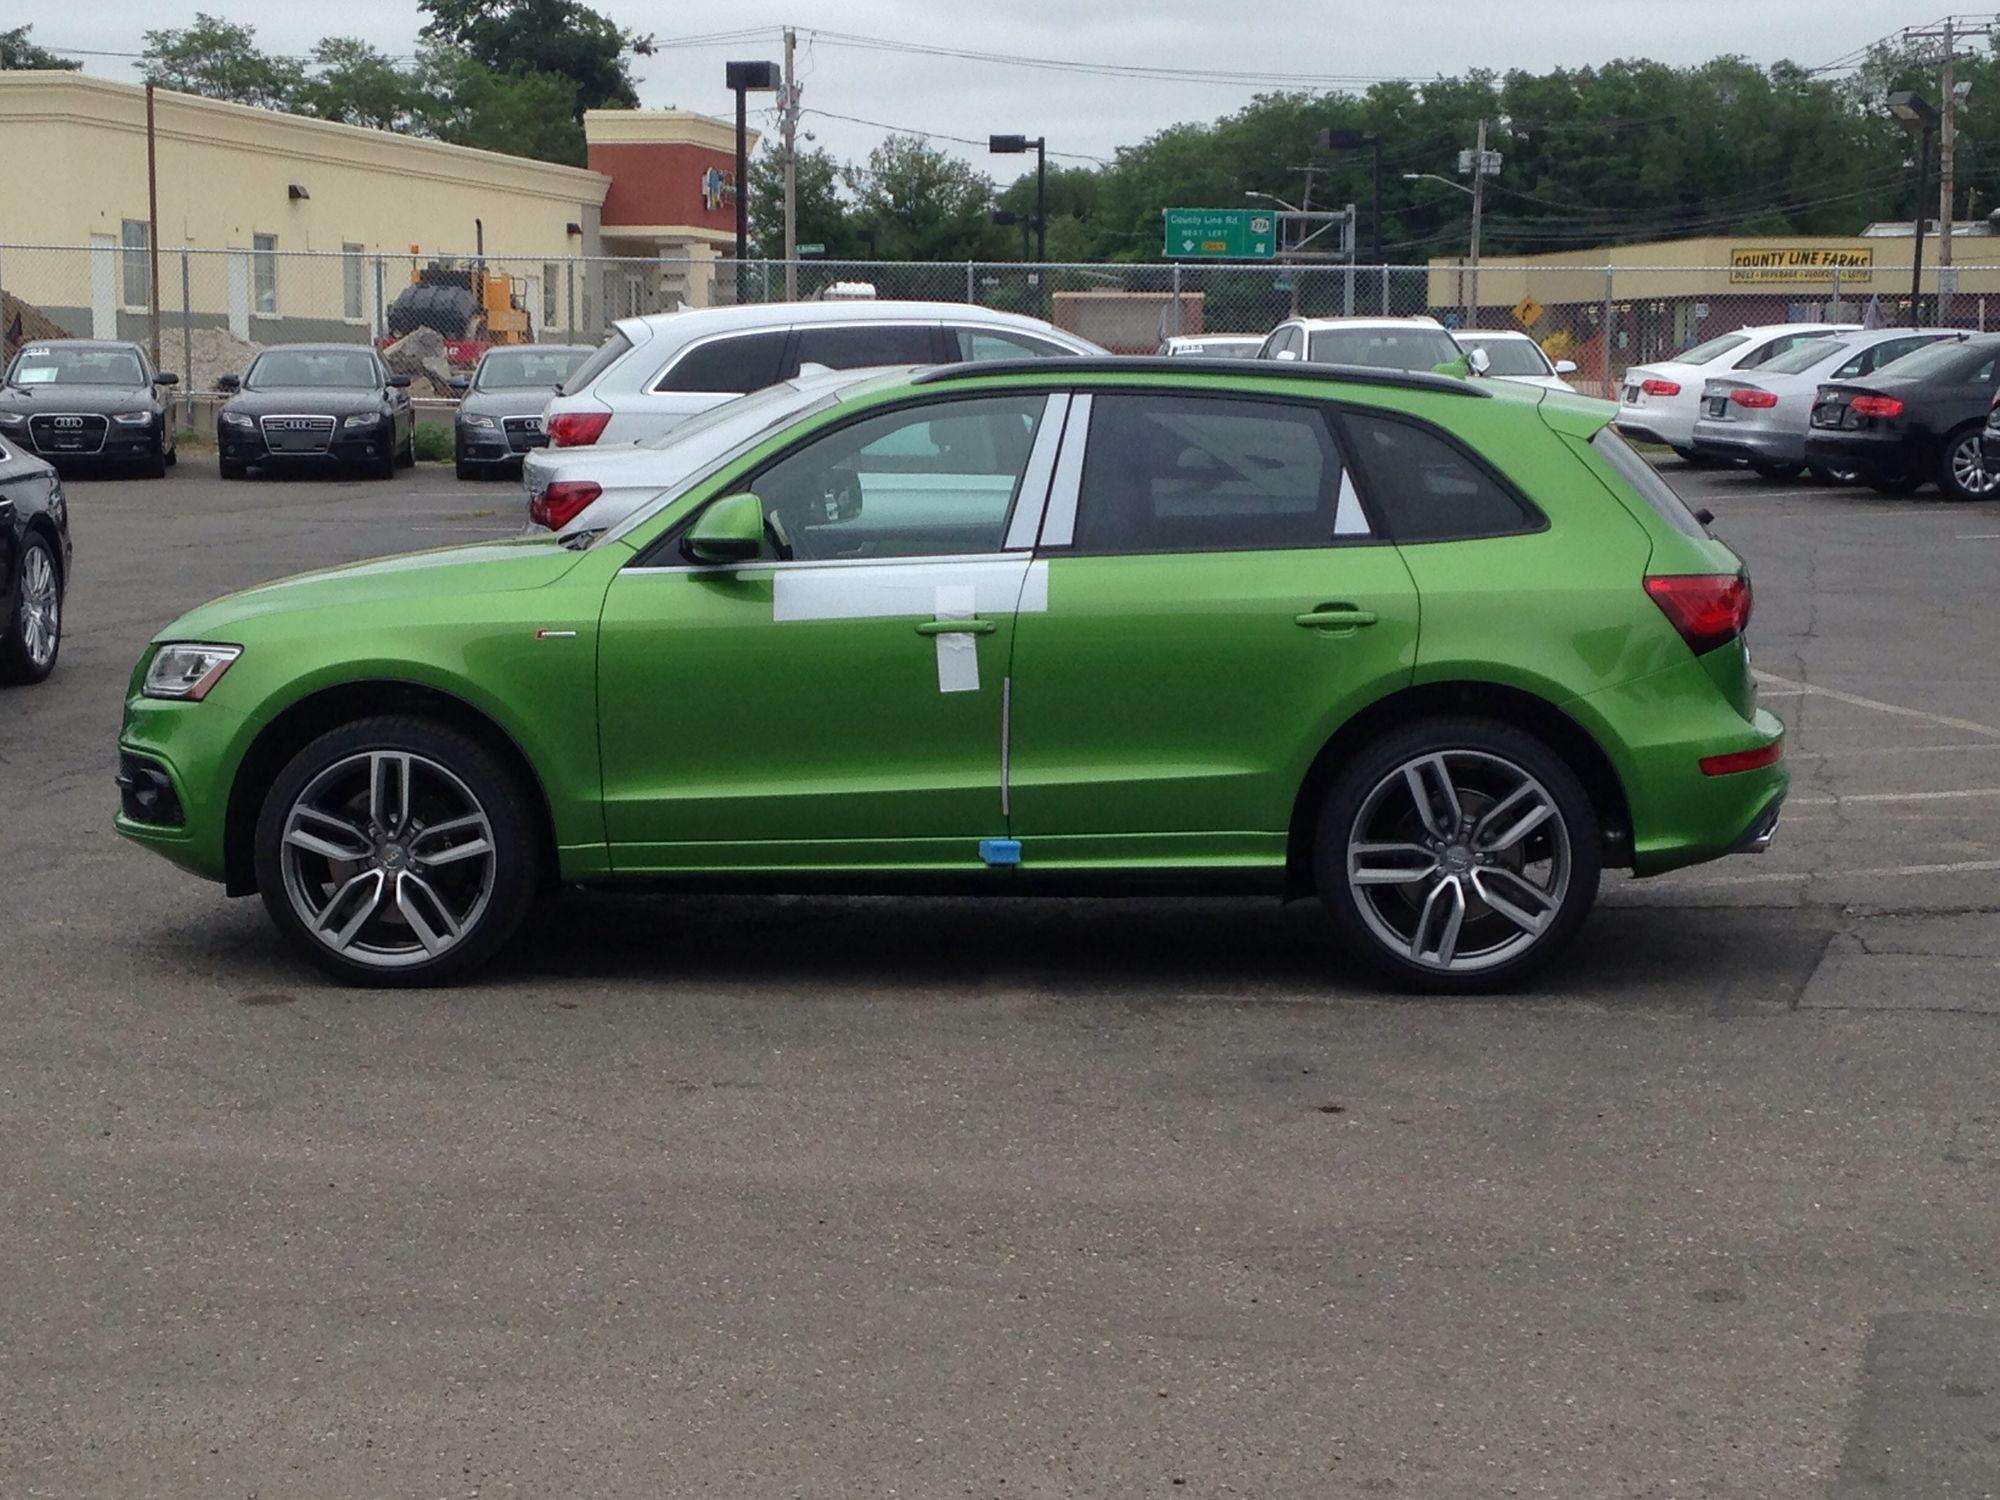 Vwvortex Com 2015 Audi Exlusive Sq5 Th3 Hulk Build